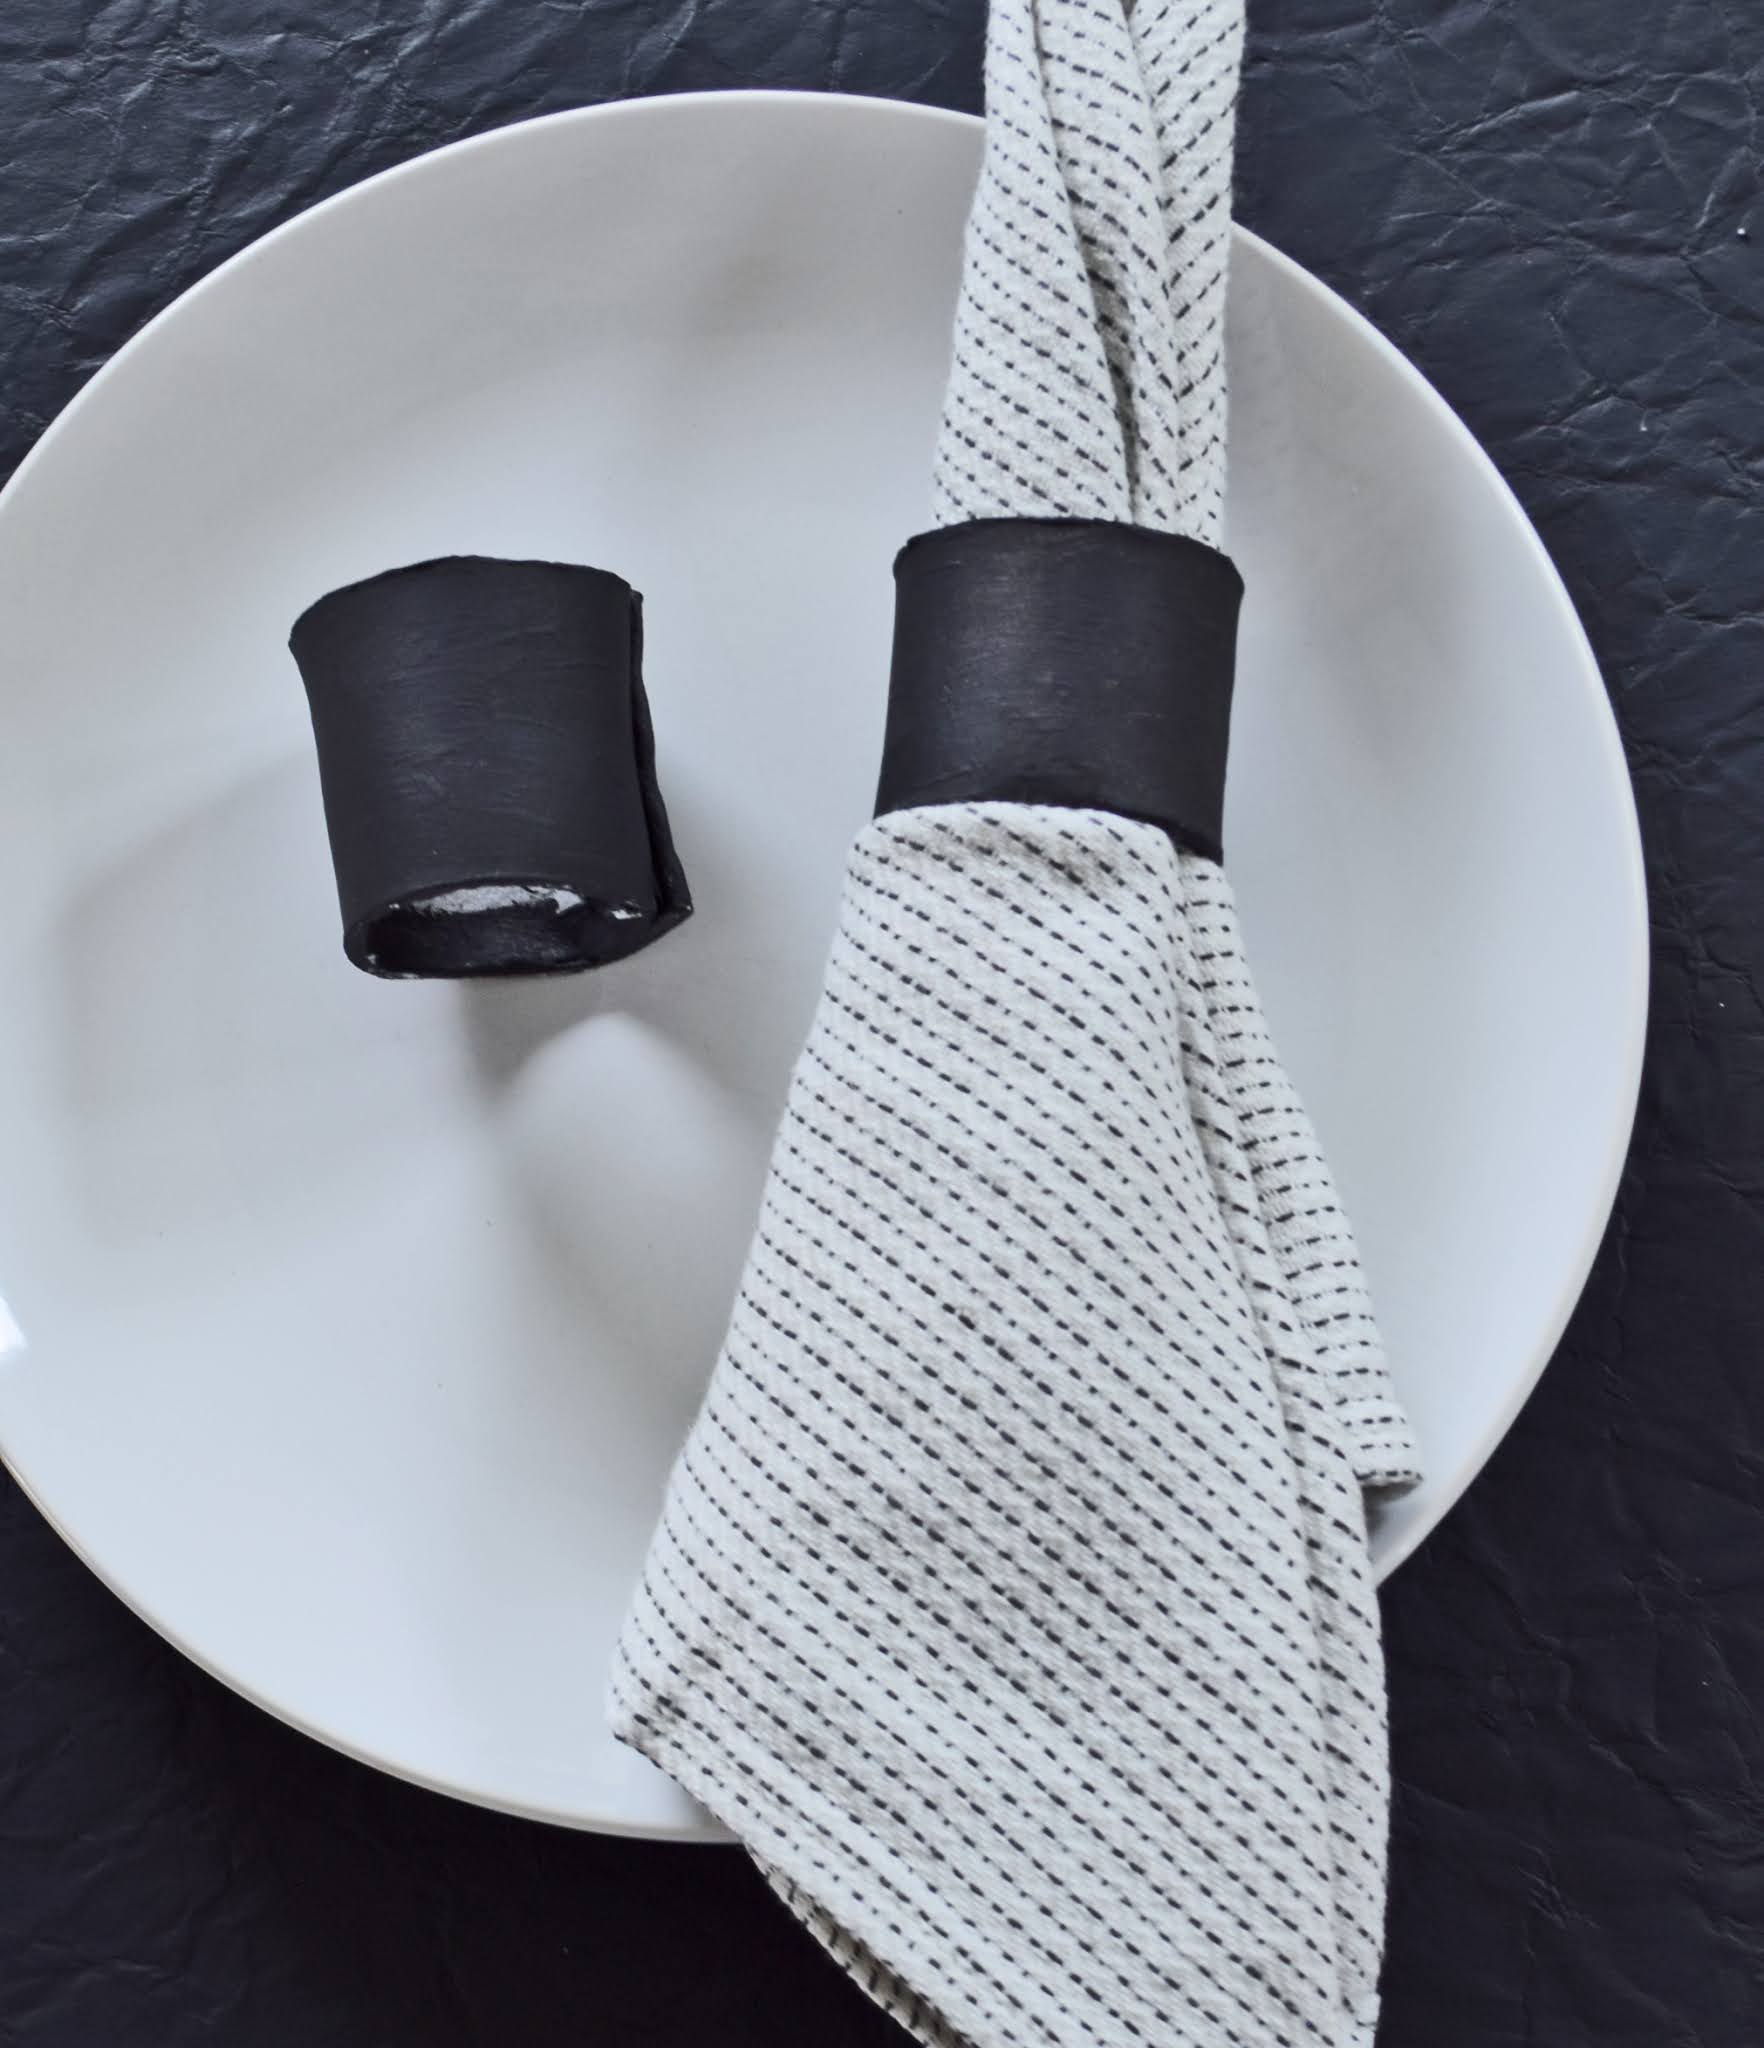 pierścień na serwetkę jak zrobić